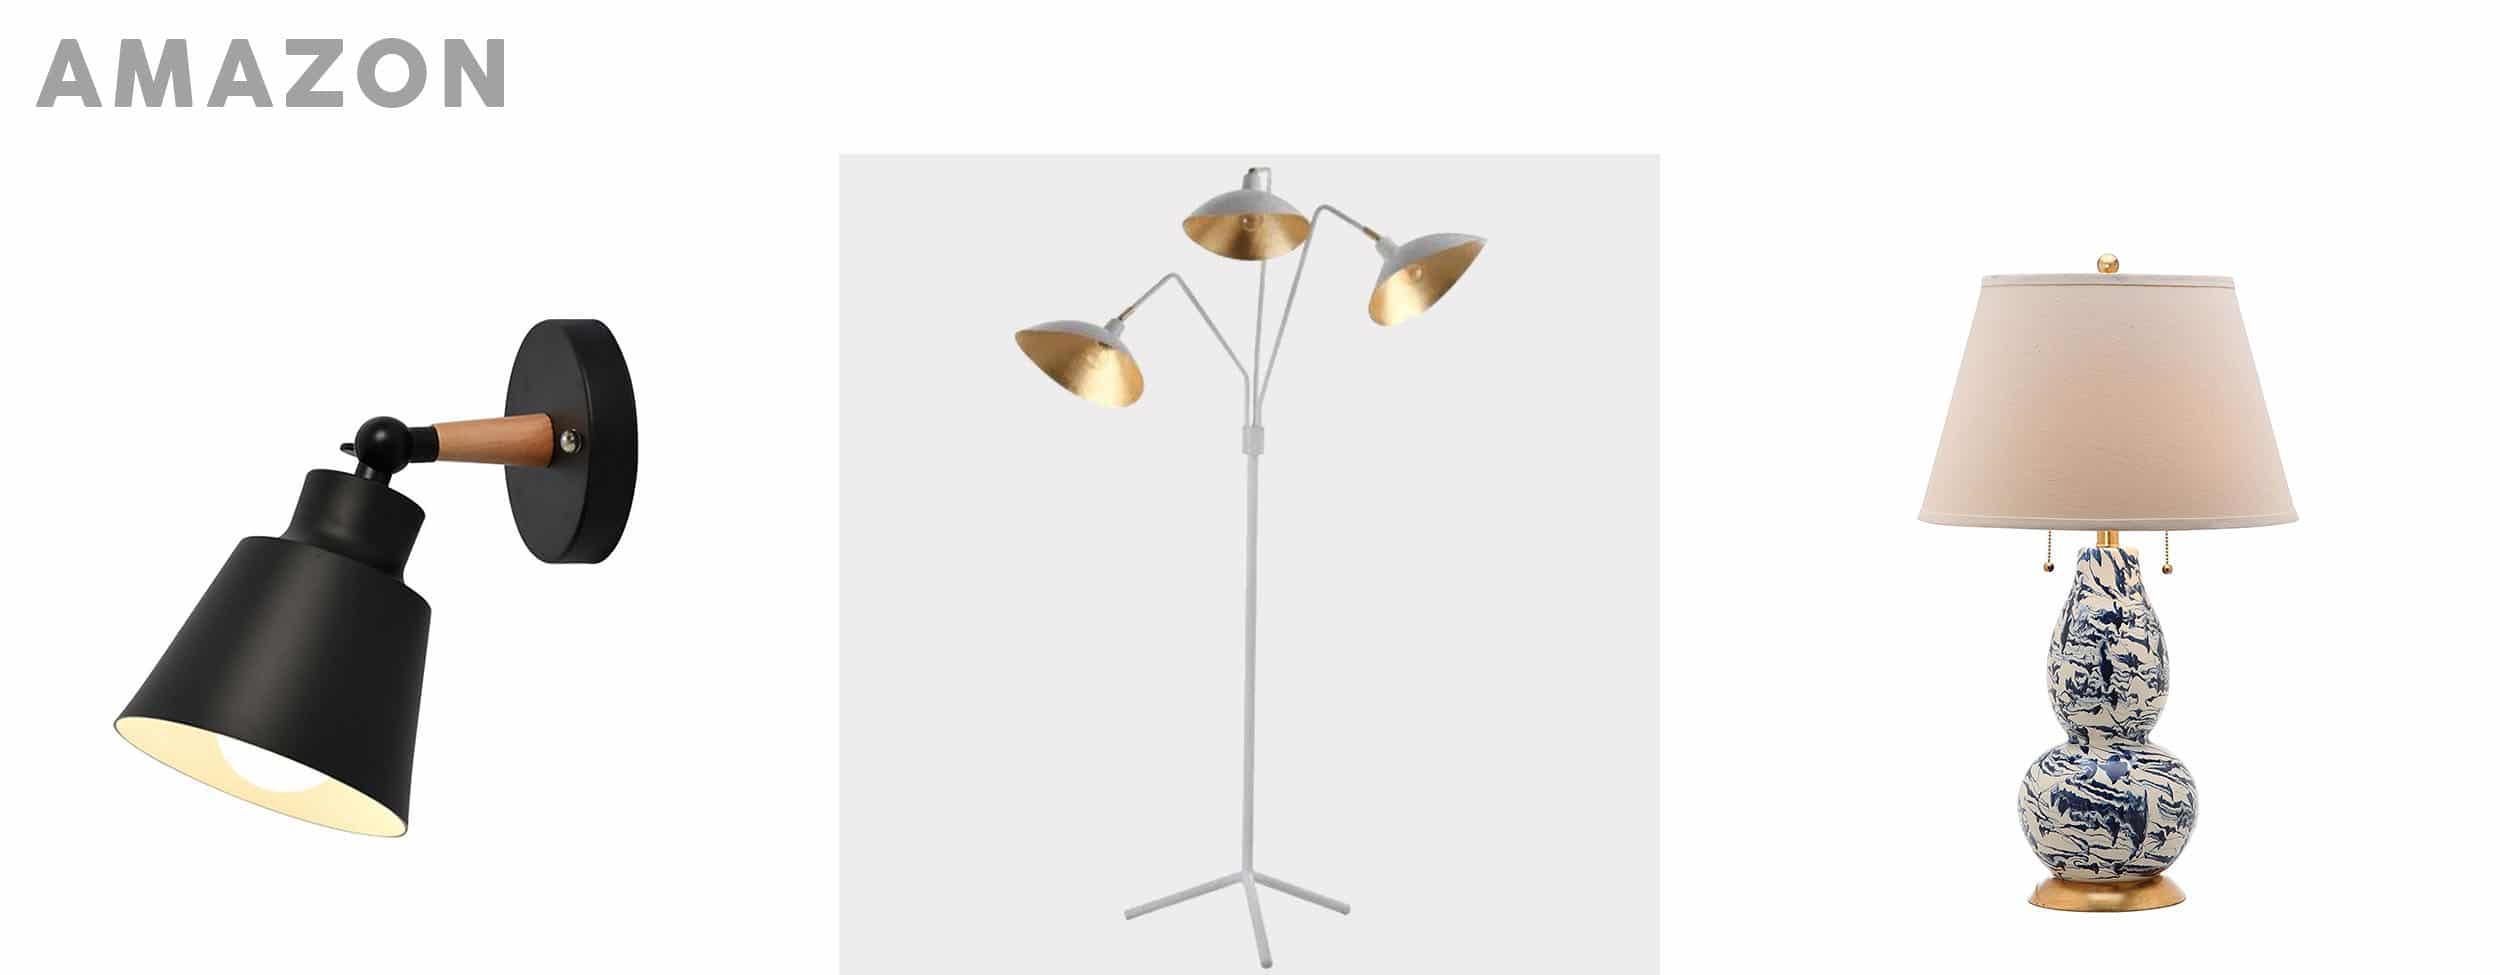 Emily Henderson affordable living room lighting_3